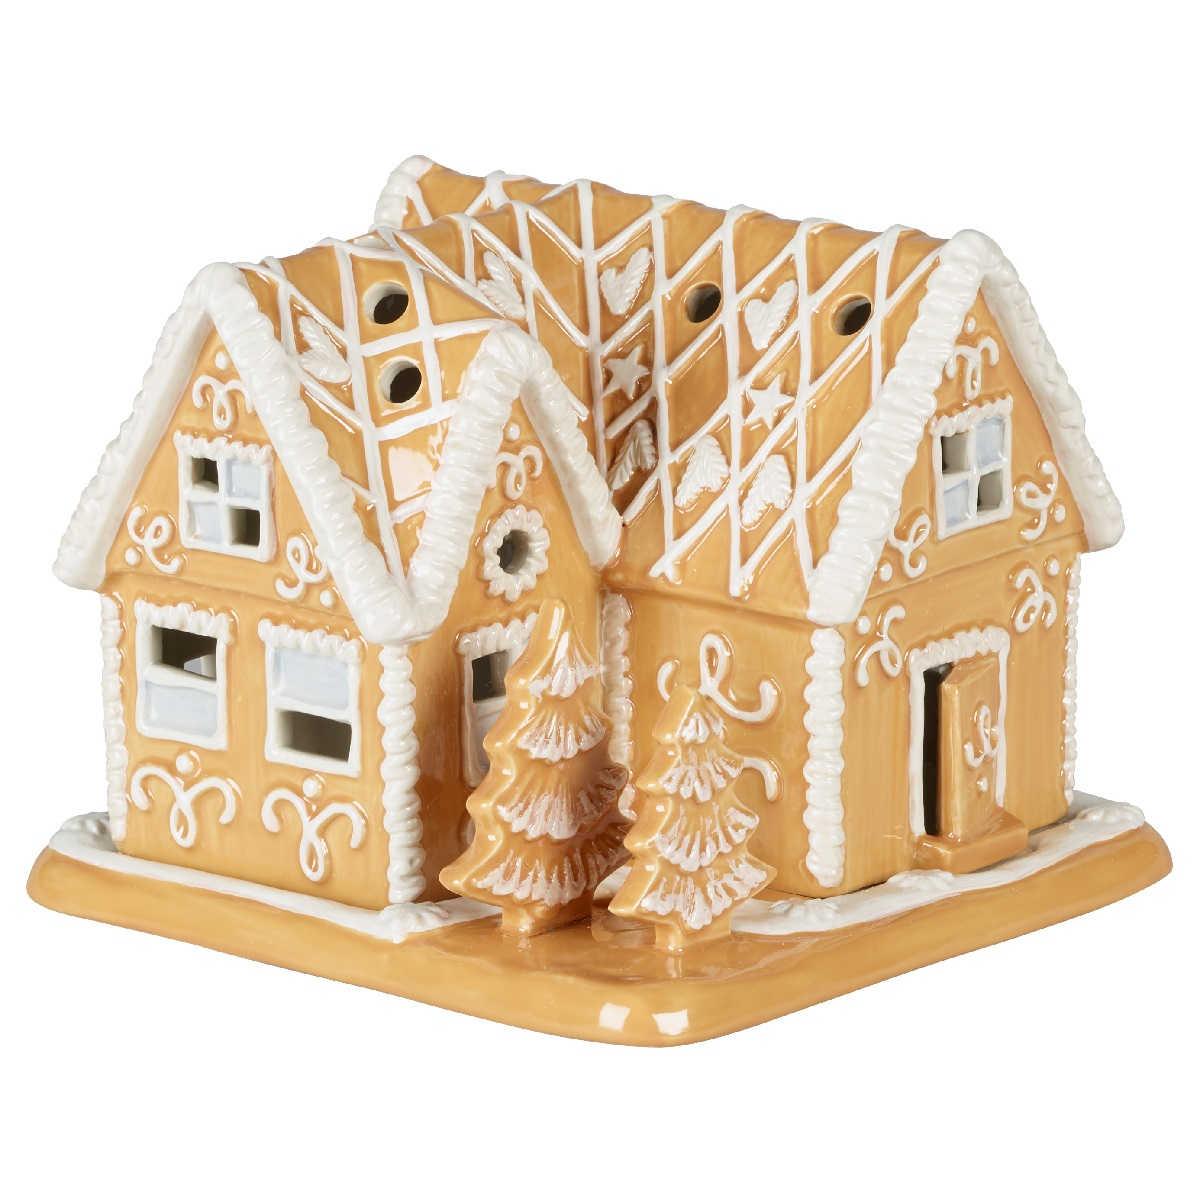 Villeroy & Boch Winter Bakery Decoration Lebkuchenvilla - mit 2 Teelichtern 16x16x13 cm | Dekoration > Kerzen und Kerzenständer > Teelichter | Villeroy & Boch